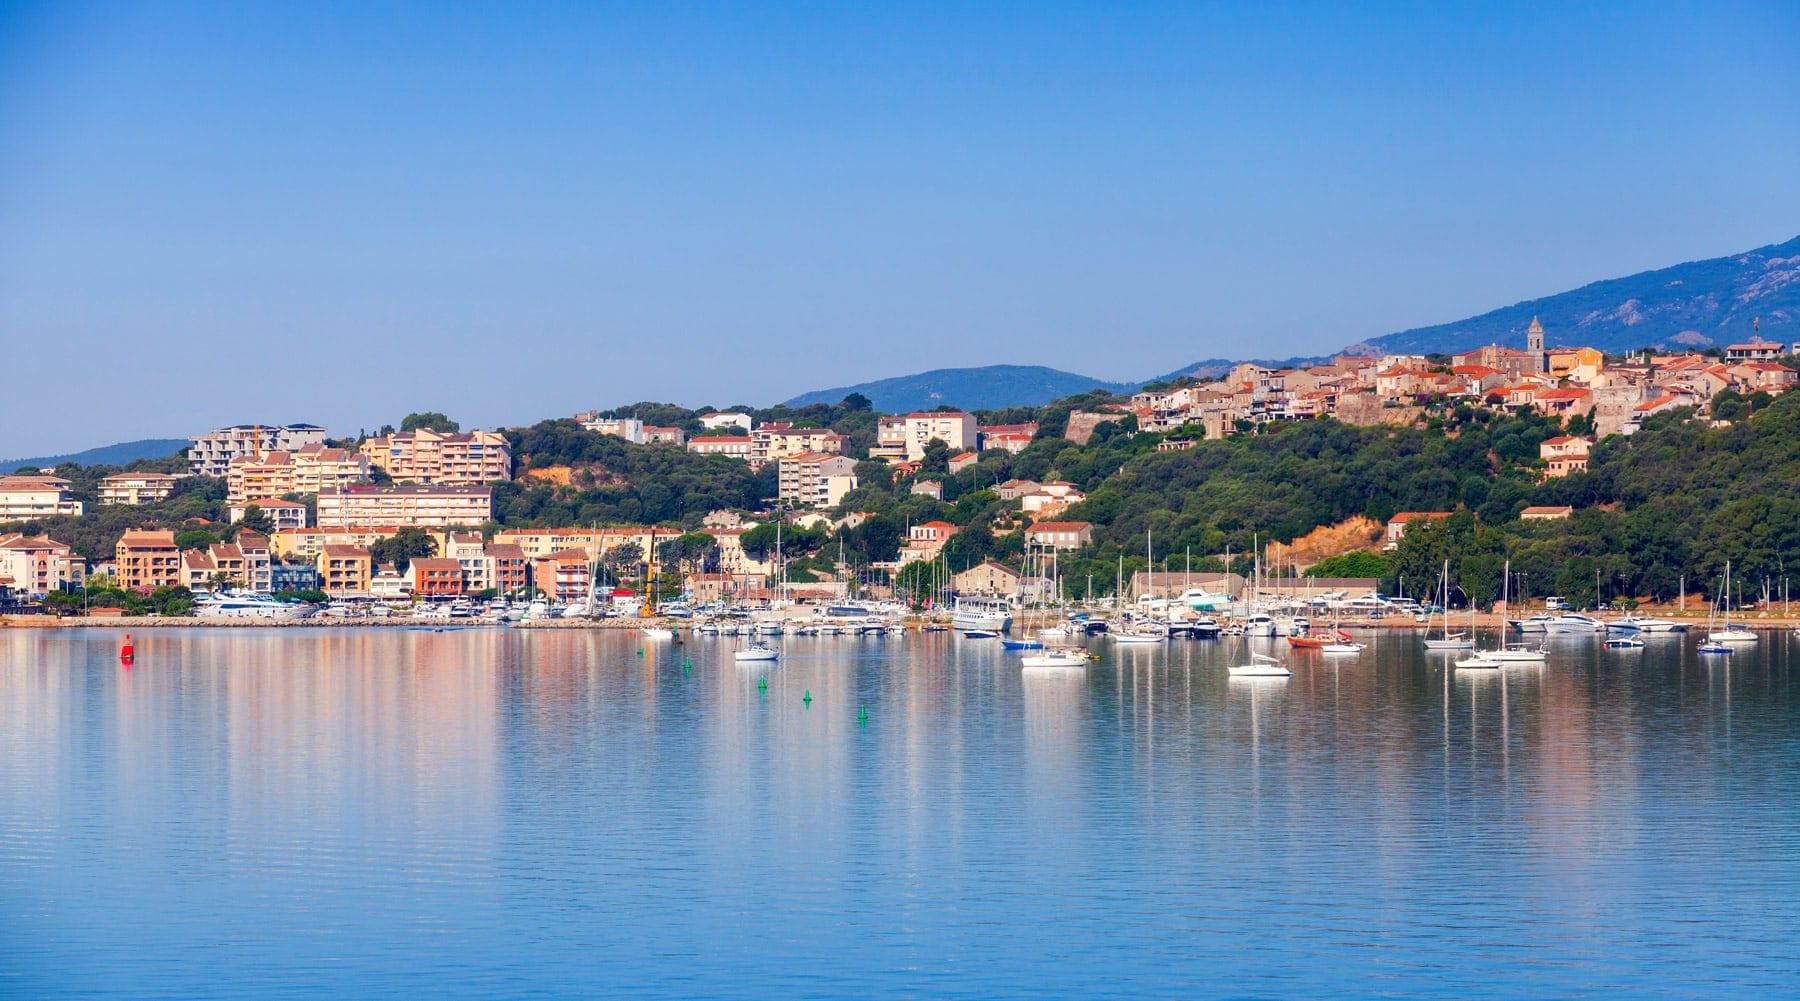 Porto-Vecchio area